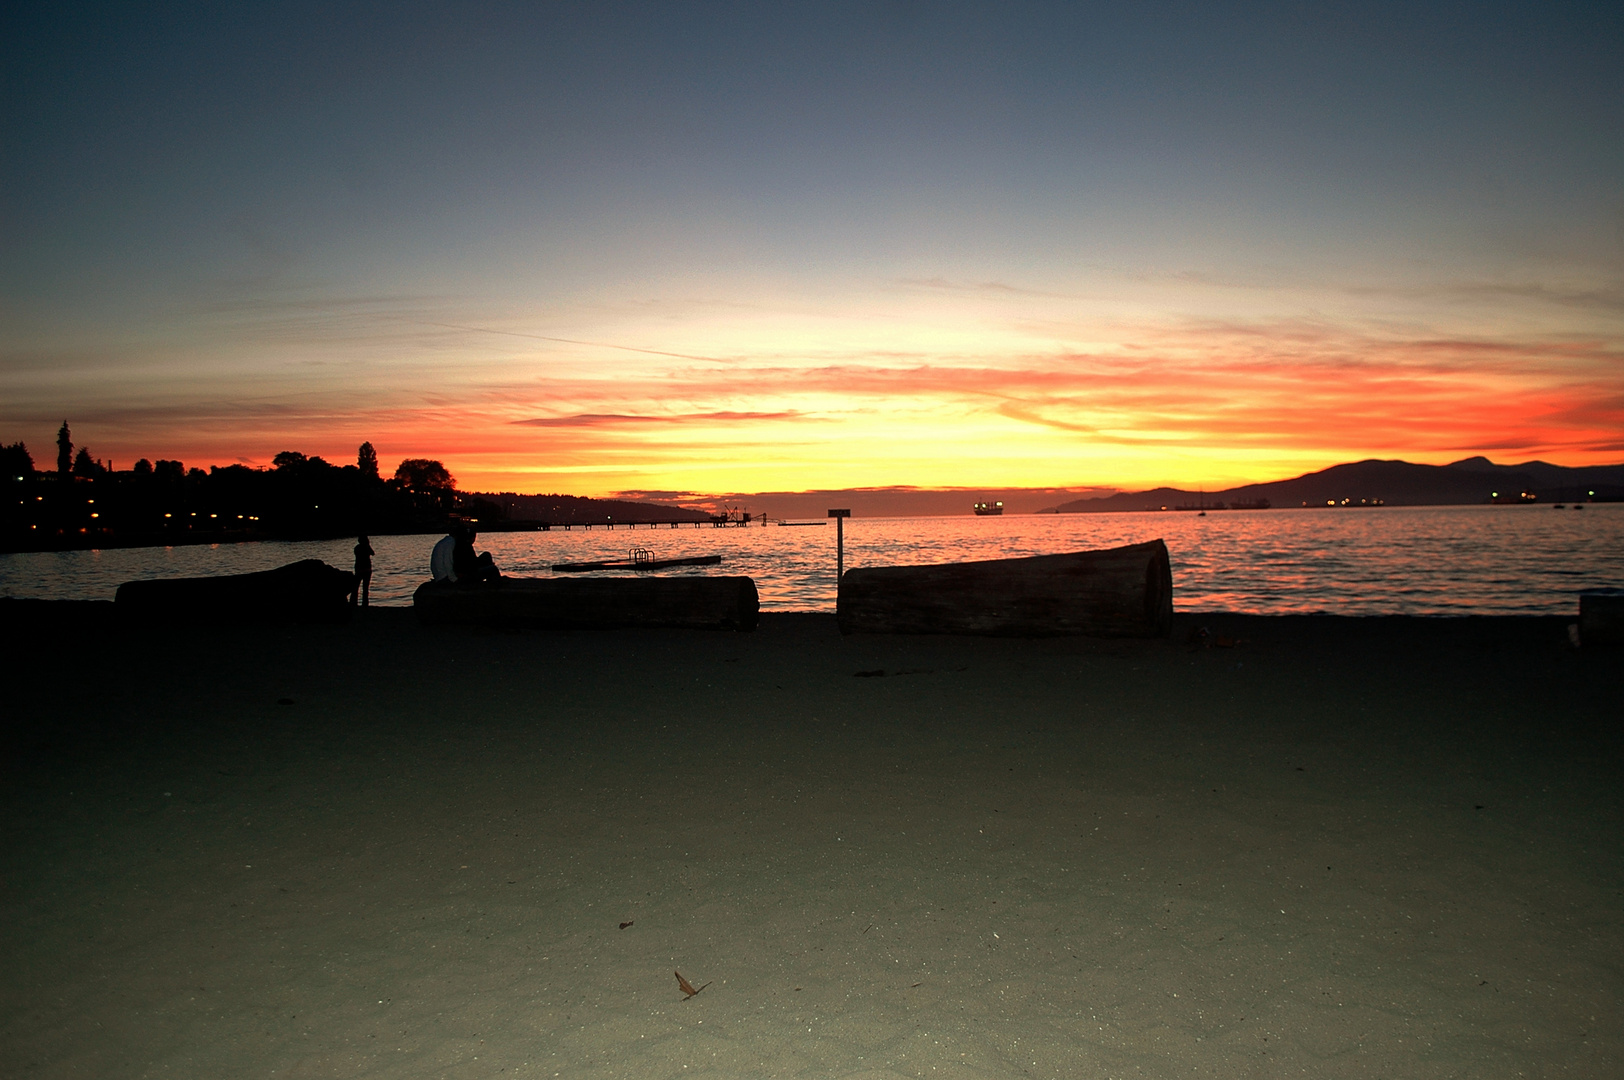 Tranquility - Kits (Kitsilano) Beach